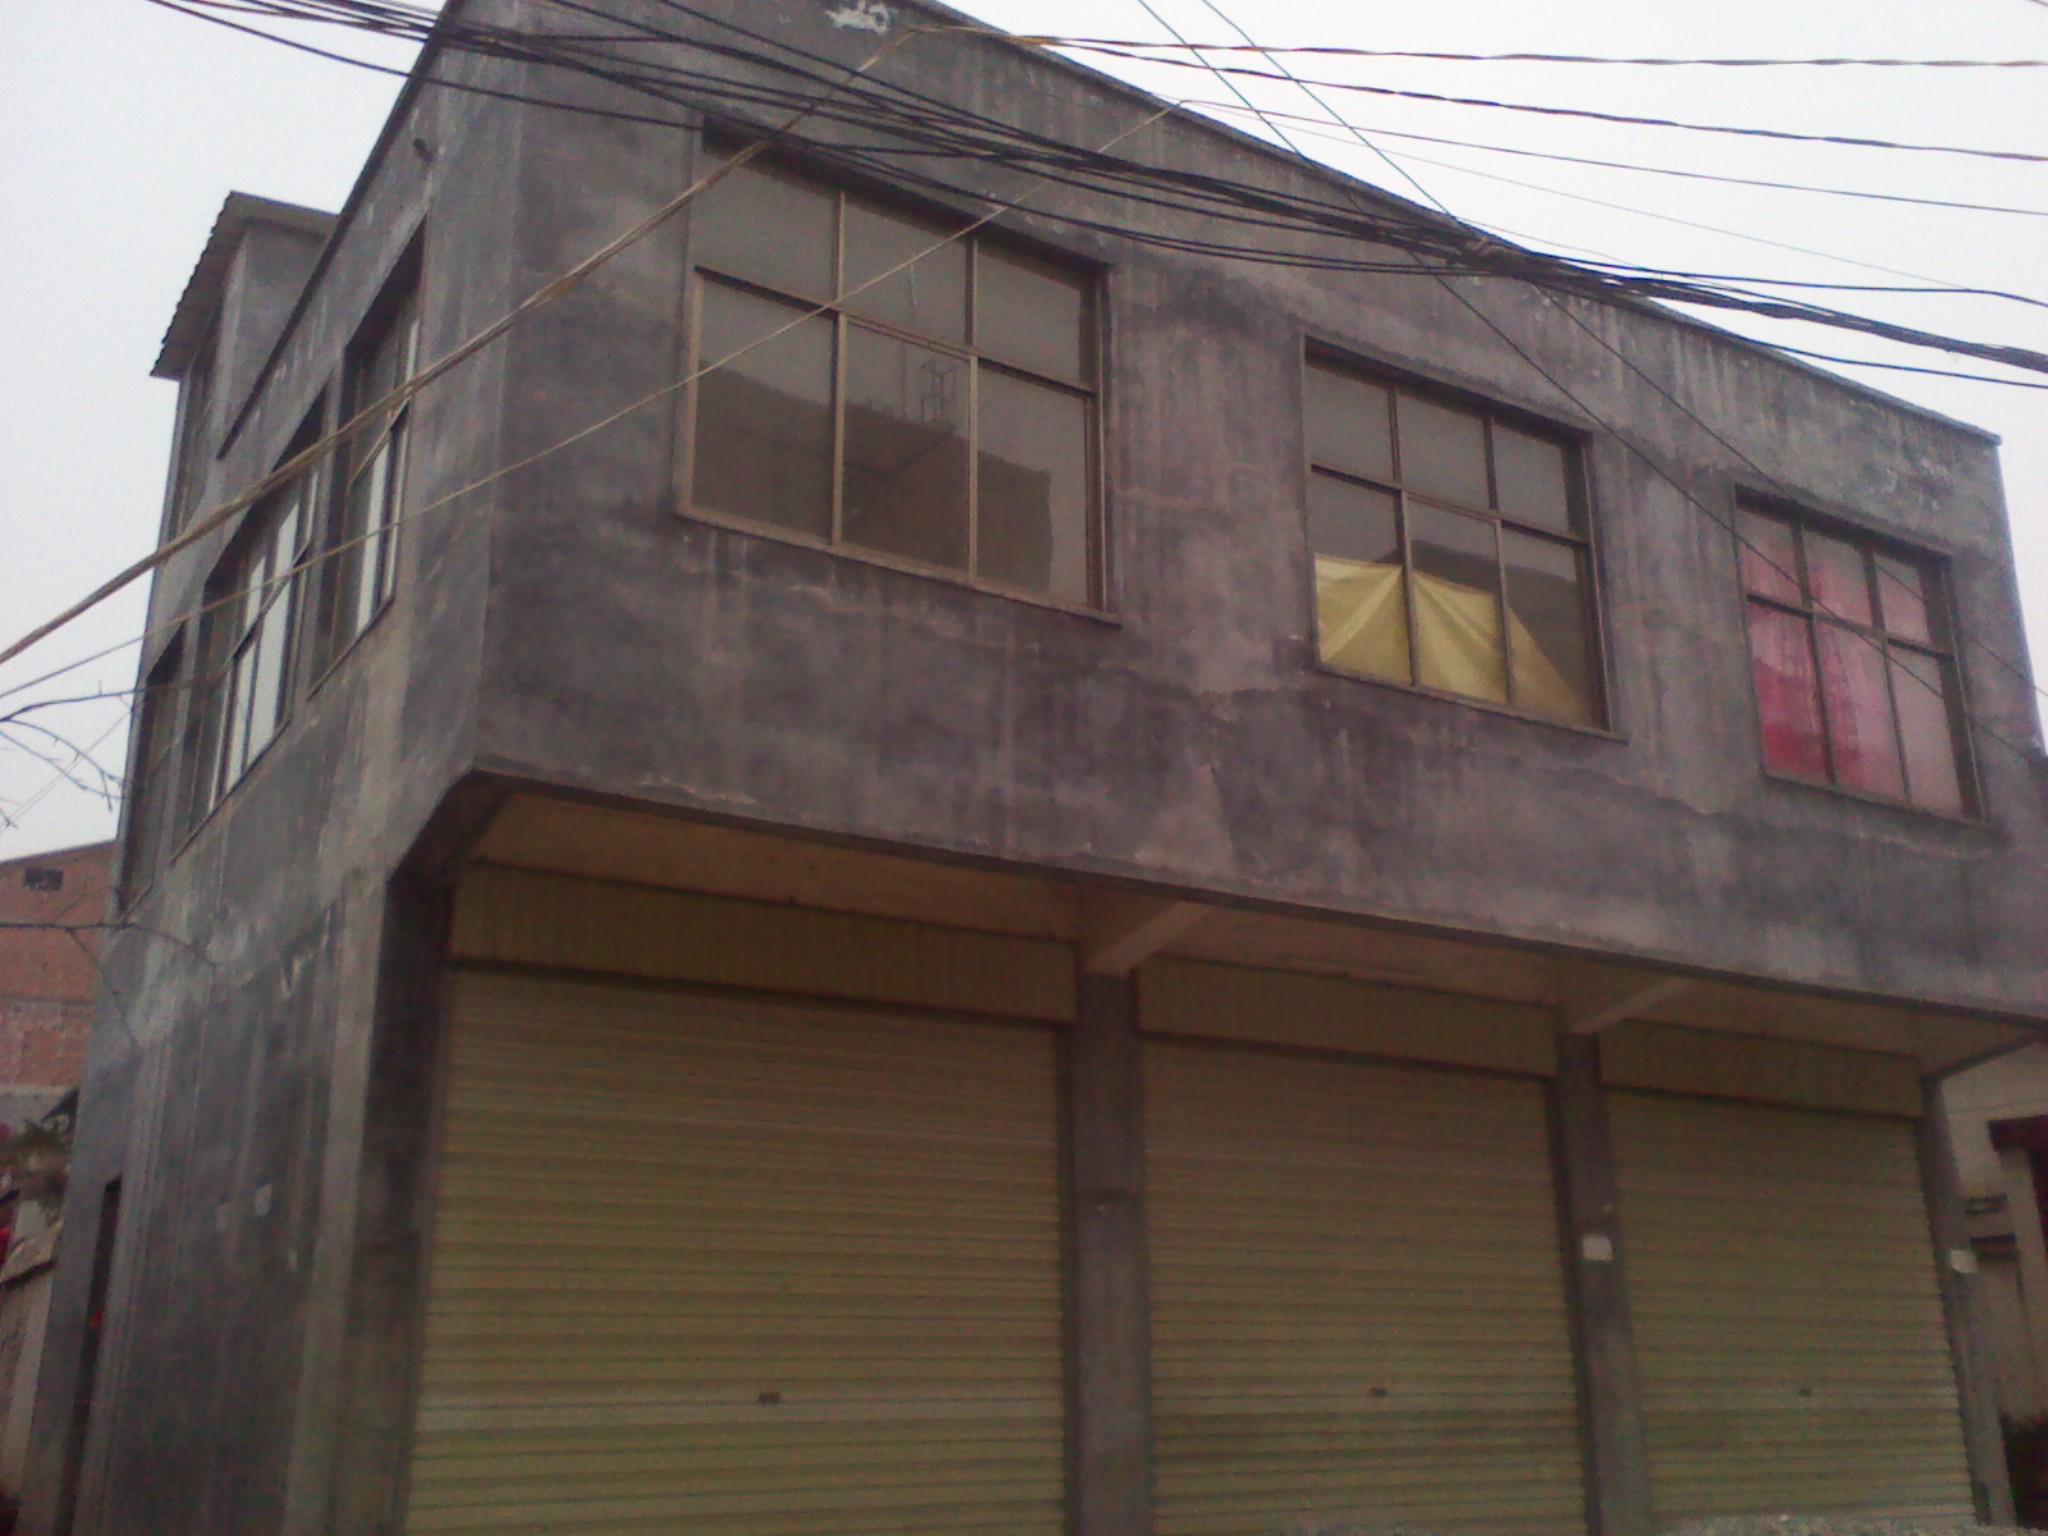 一层80平方米框架结构楼房从挖地基到完工需要多少天